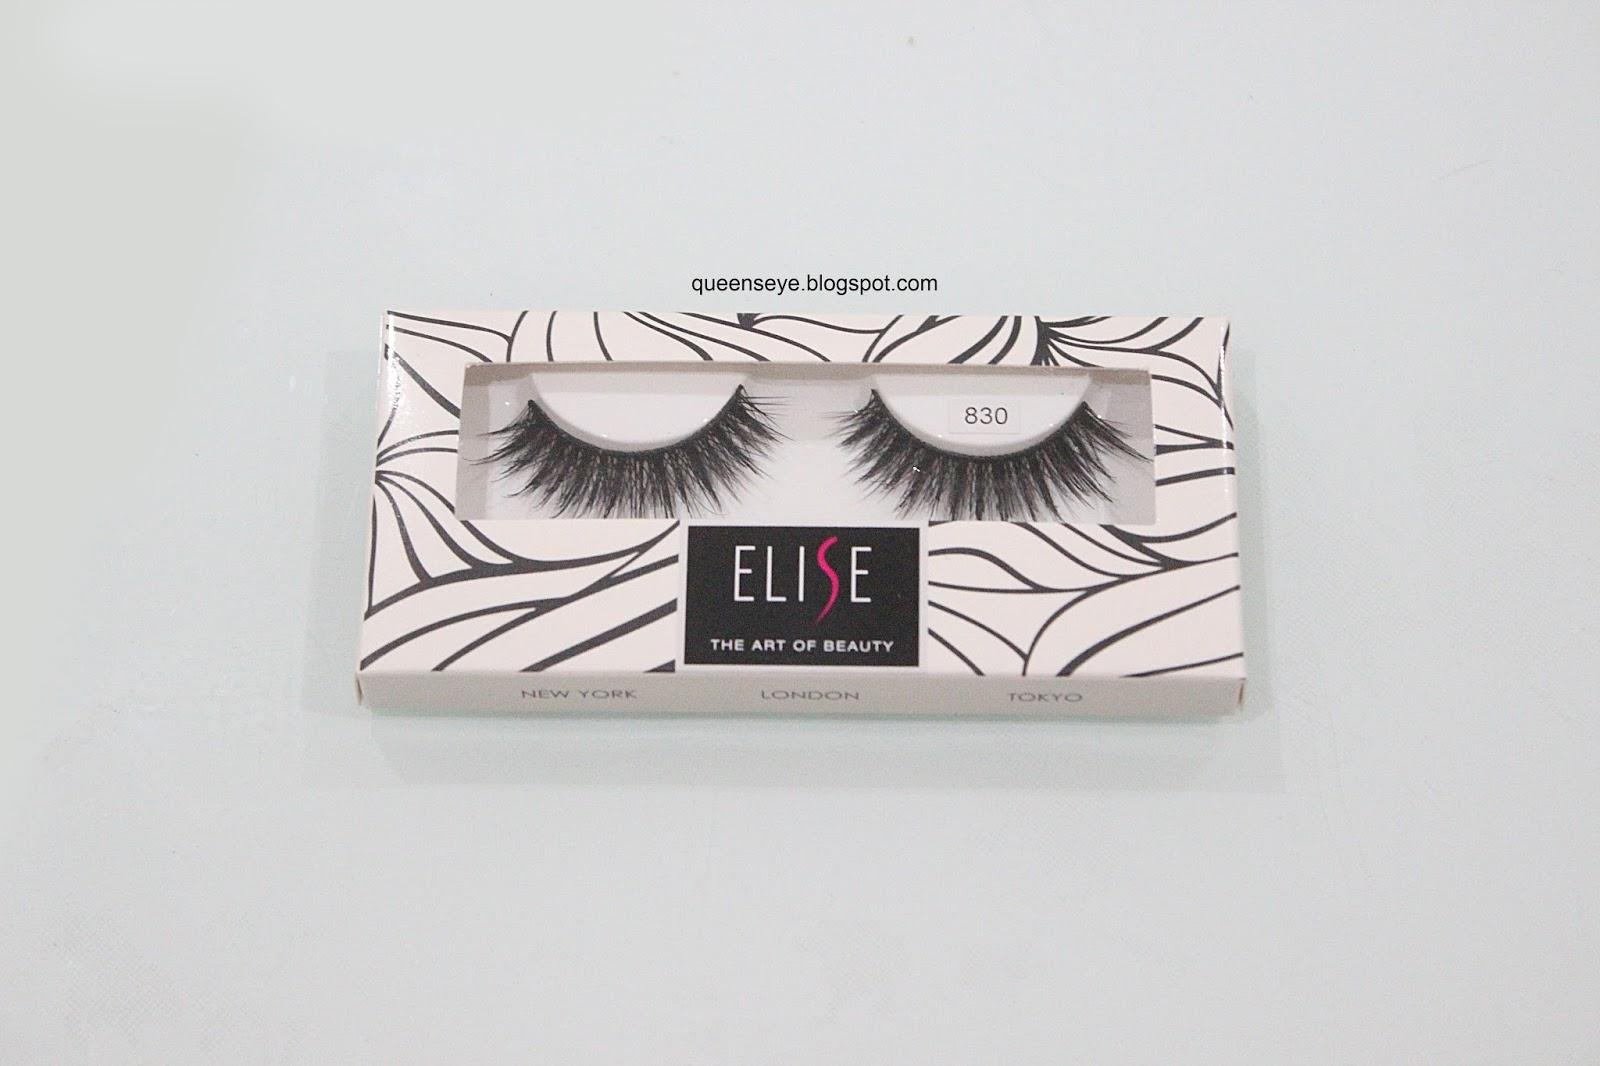 15f093c7fbd Setau aku, bulu mata Elise hadir dengan packaging warna hitam. Tapi yang  kali ini putih. As I know, Elise lashes come with black packaging.